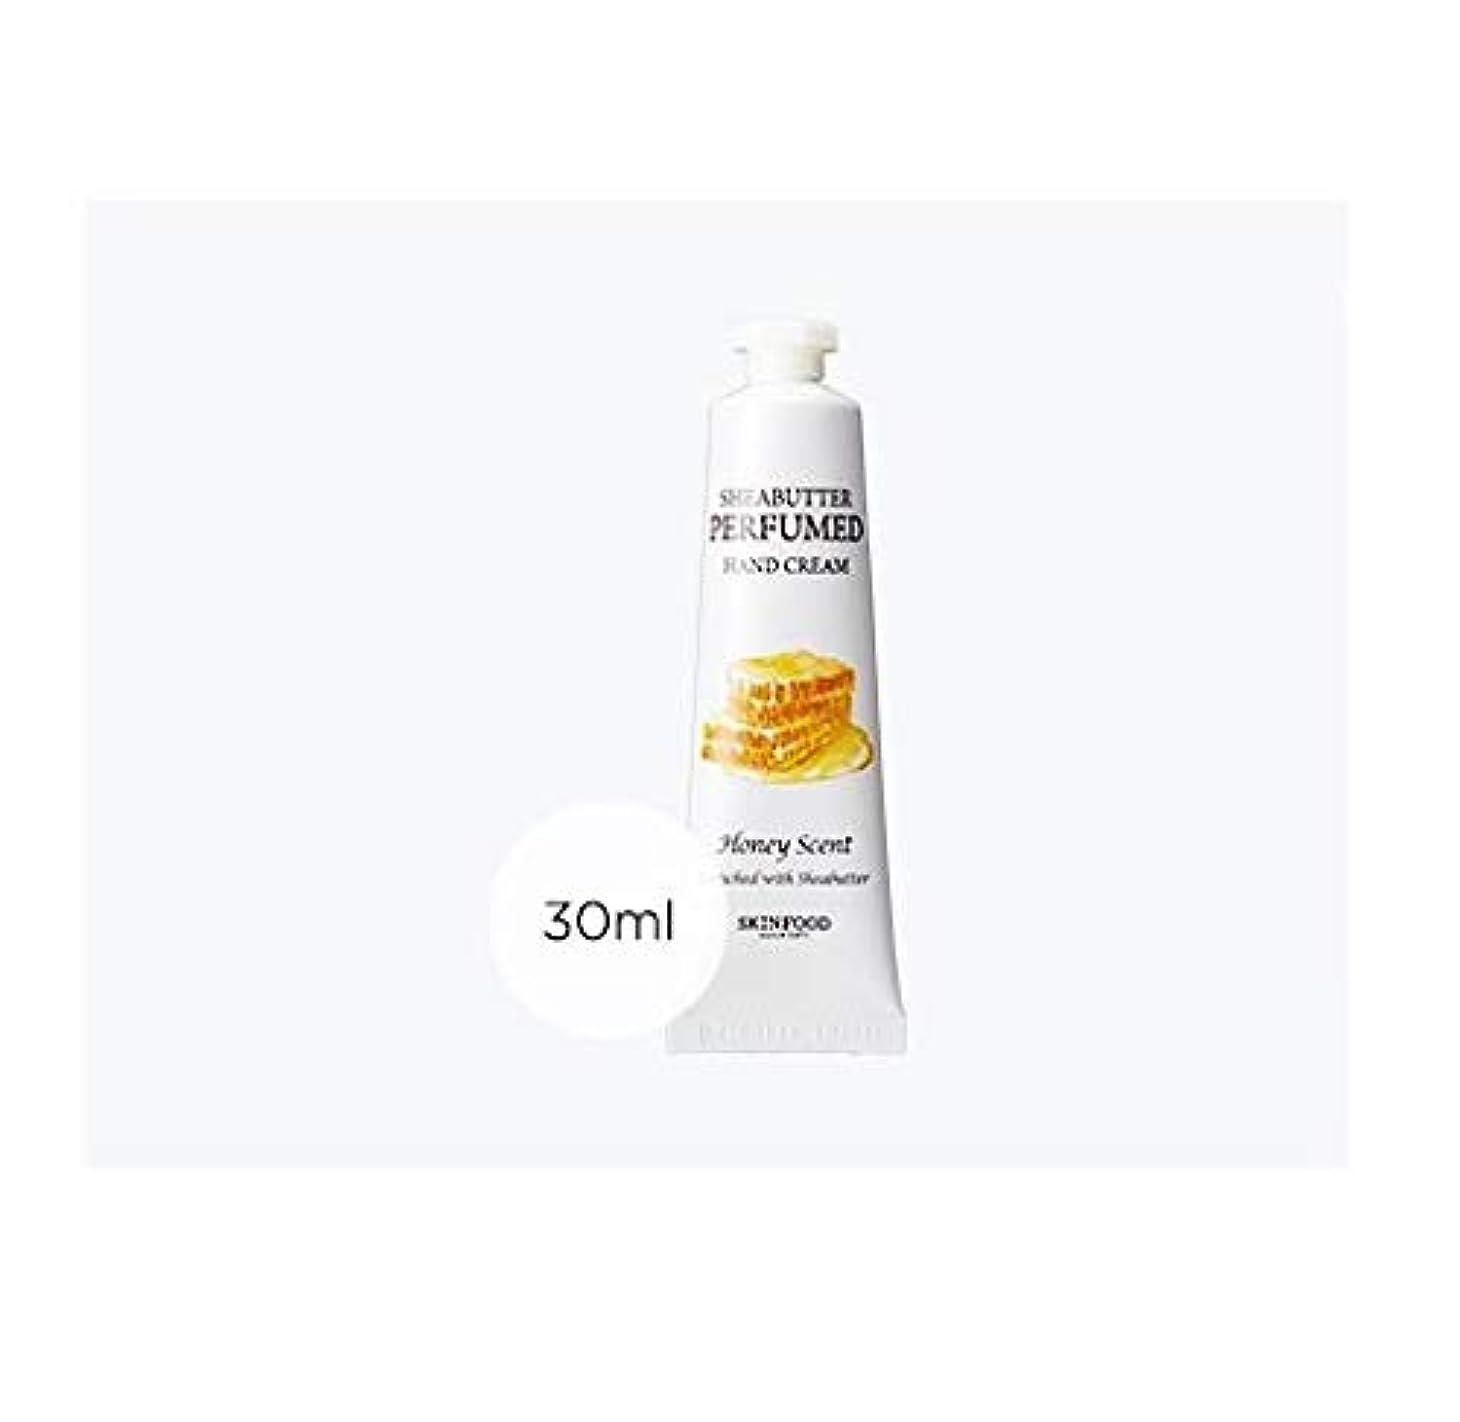 幻影メタルラインあいにくSkinfood シアバター香水ハンドクリーム#ハニーフレーバー/Shea Butter Perfumed Hand Cream #Honey flavor 30ml [並行輸入品]